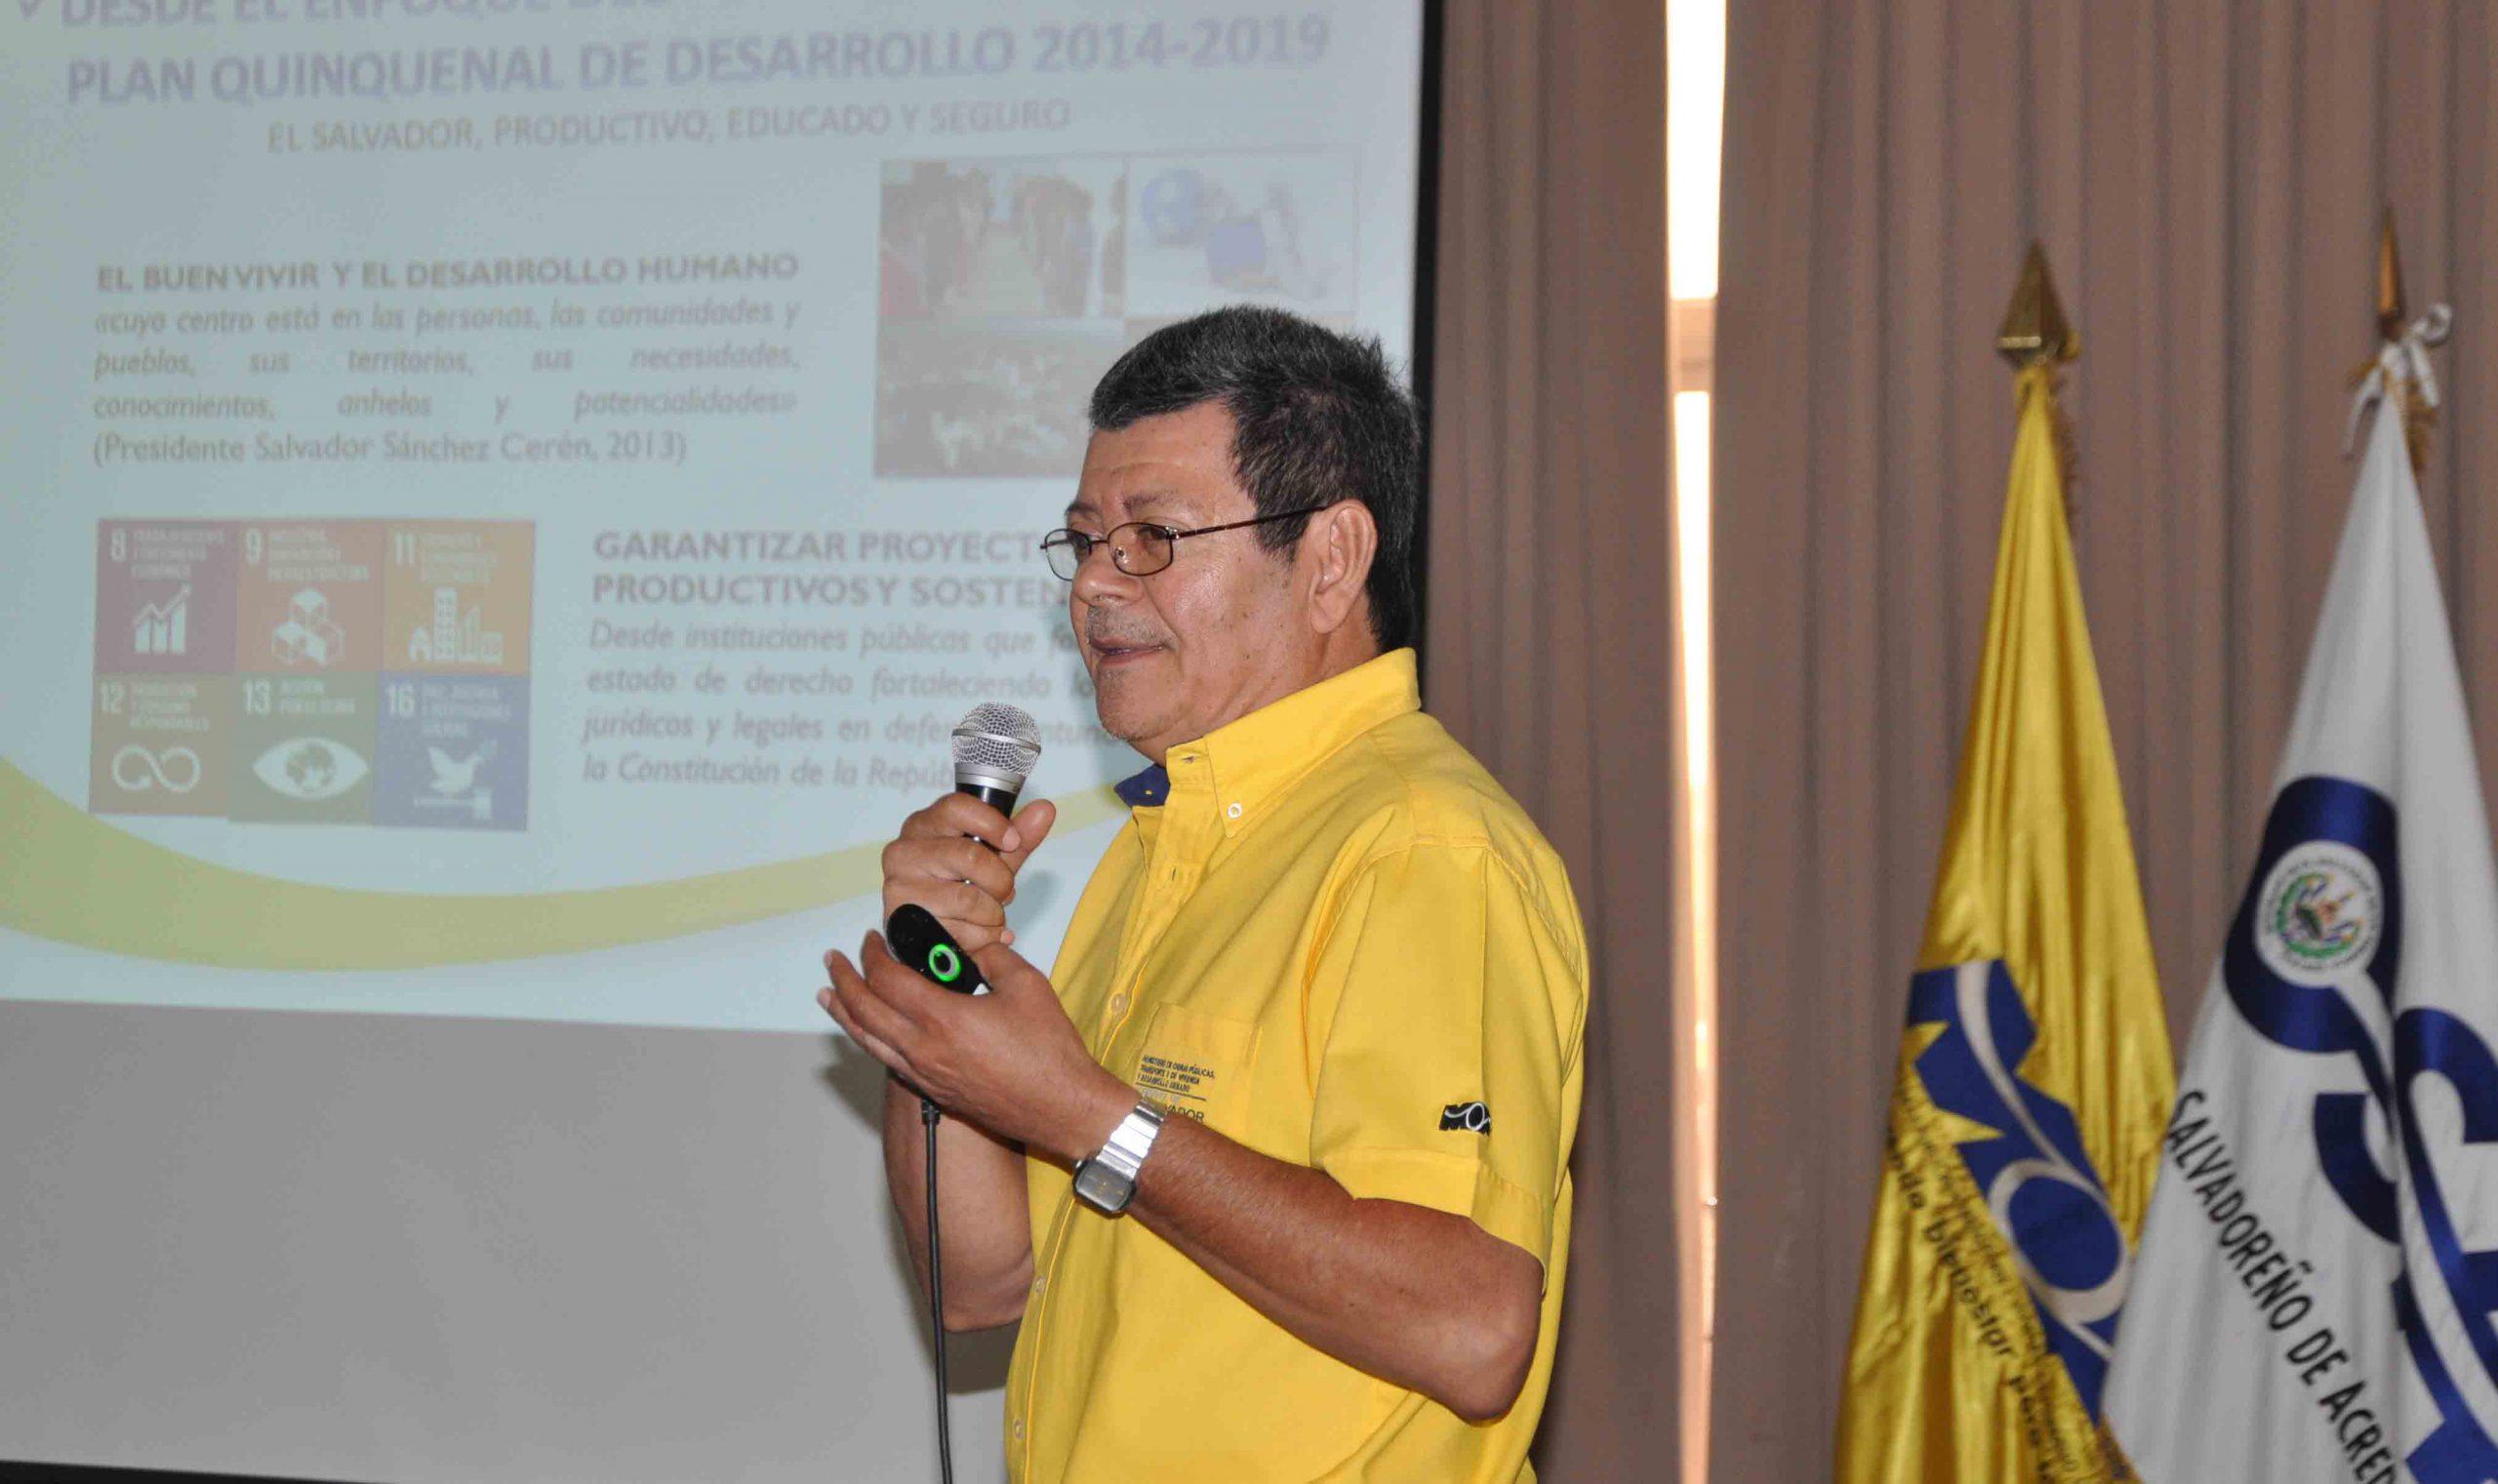 Ministerio de Obras Públicas capacita a oficiales de la zona oriental sobre gestión de calidad en el territorio